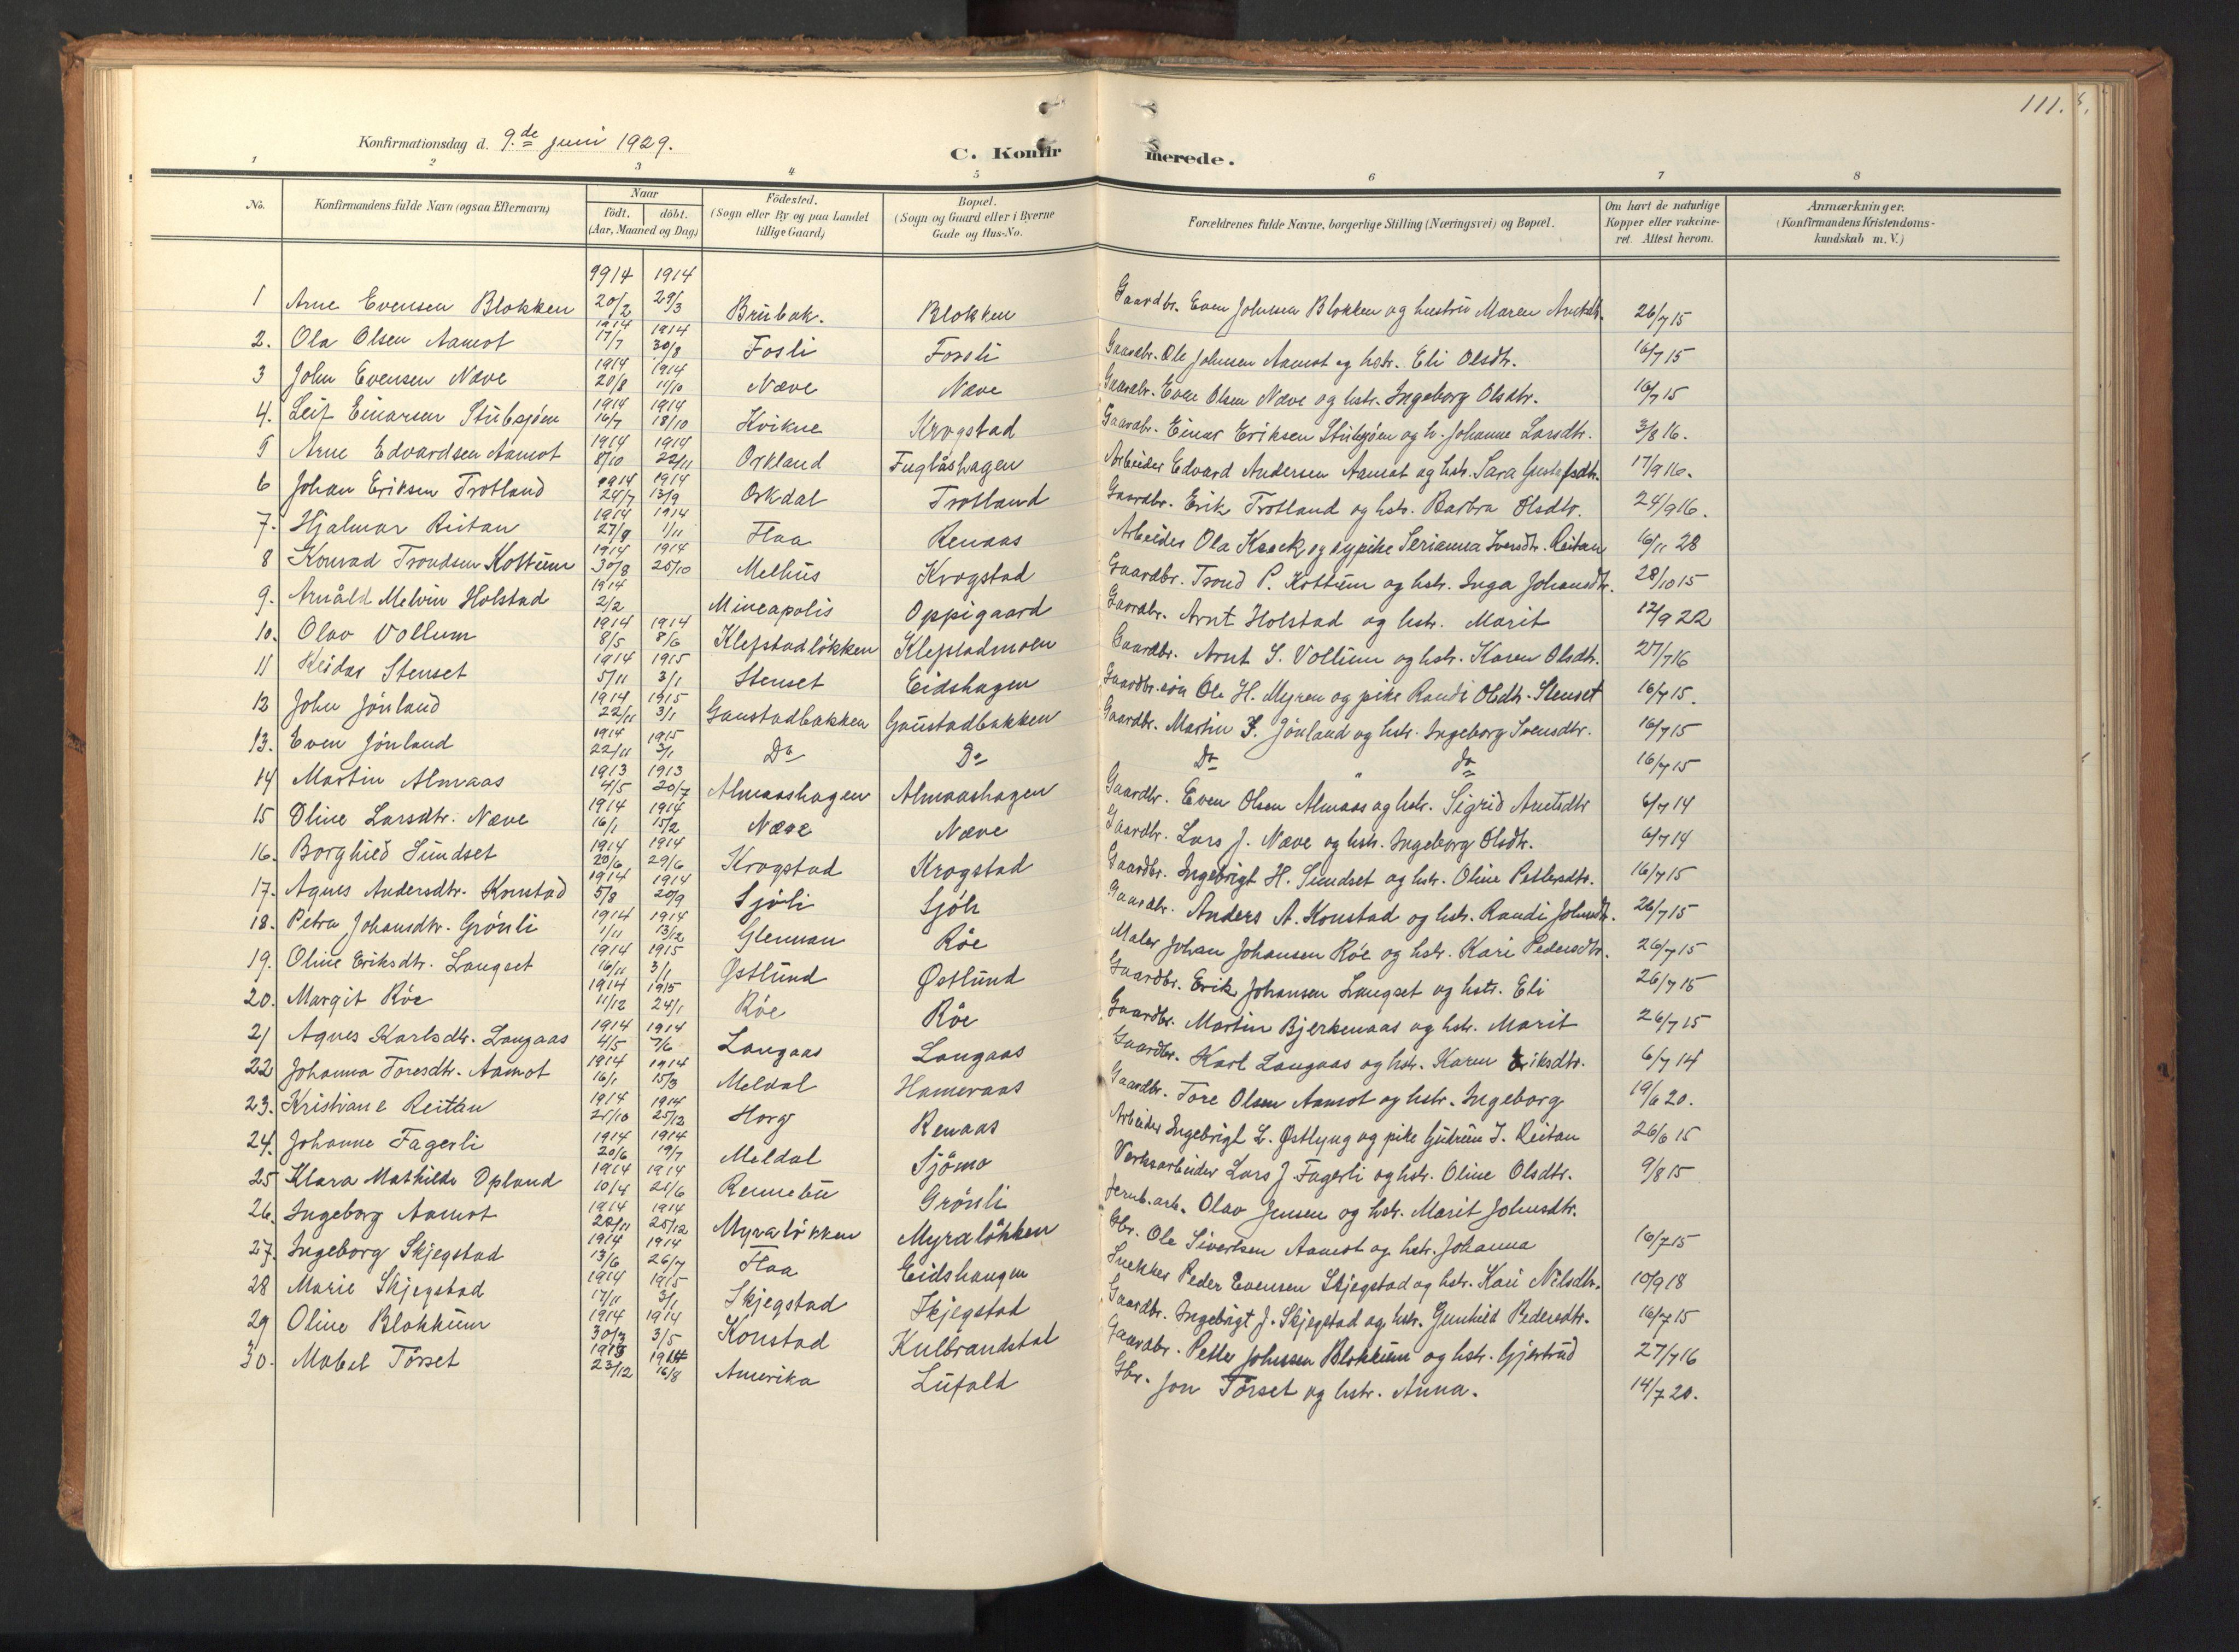 SAT, Ministerialprotokoller, klokkerbøker og fødselsregistre - Sør-Trøndelag, 694/L1128: Ministerialbok nr. 694A02, 1906-1931, s. 111